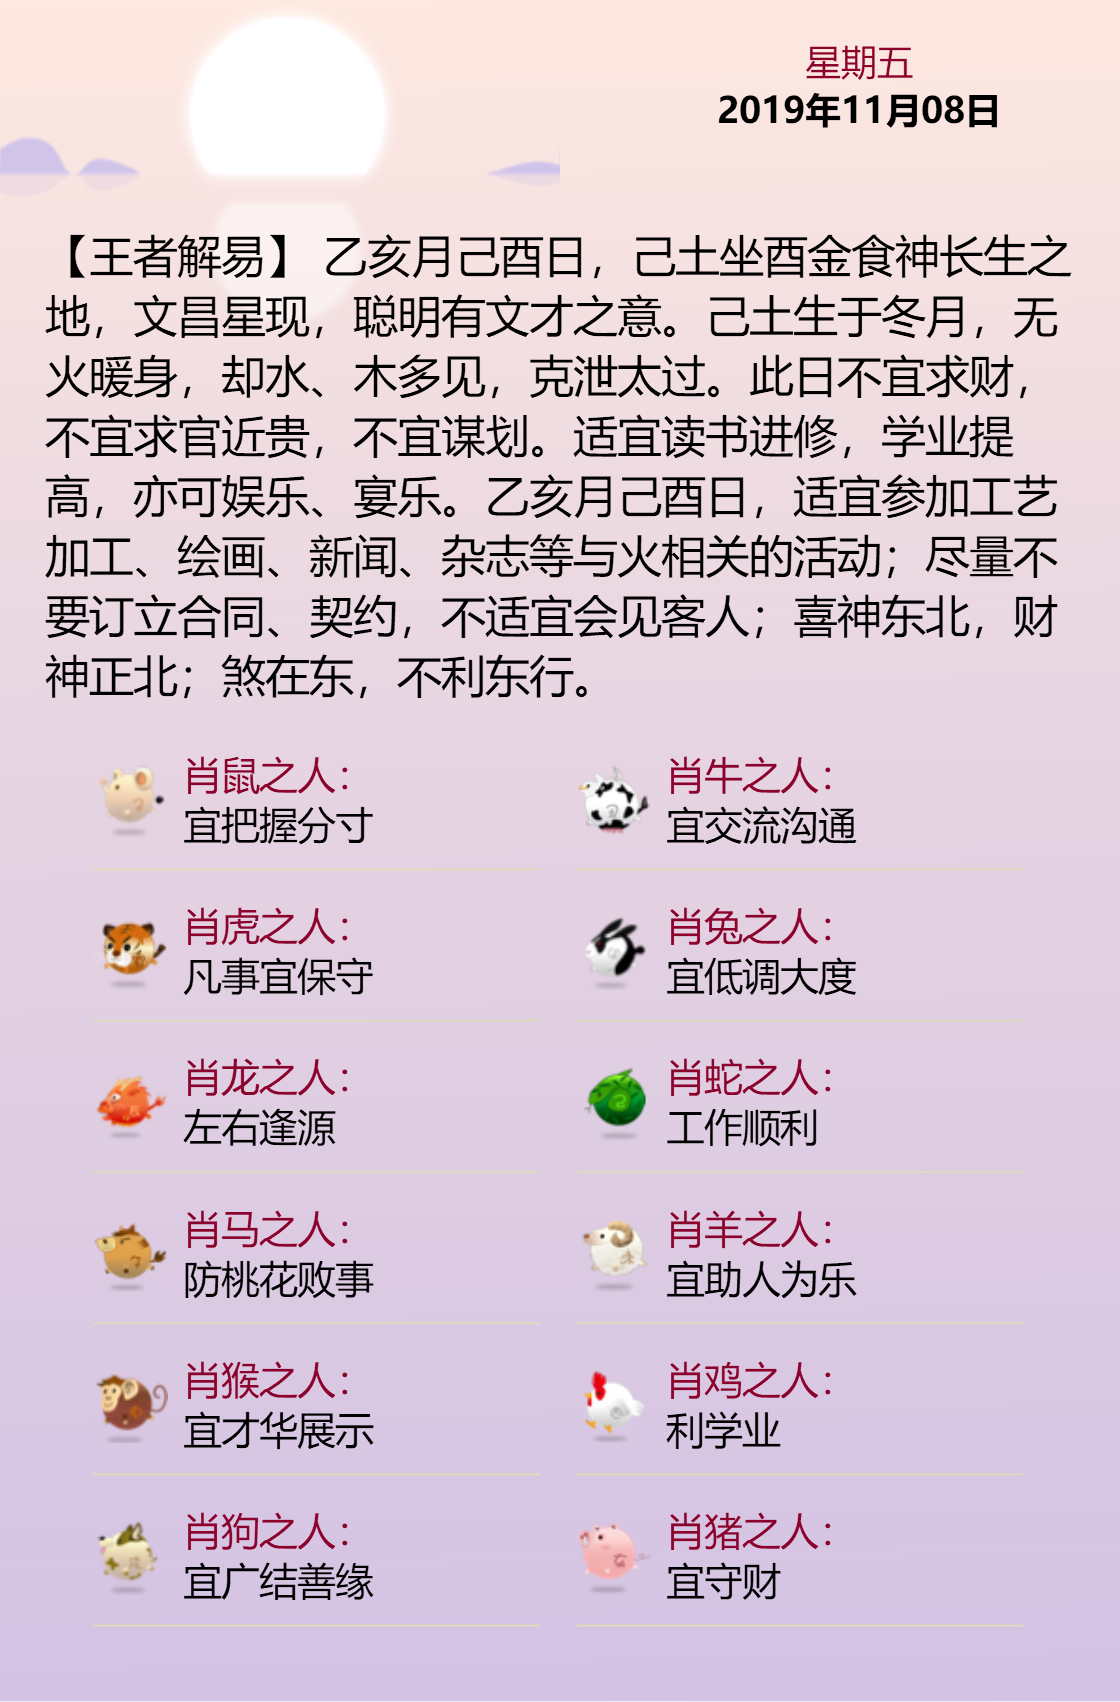 黄历海报20191108.png